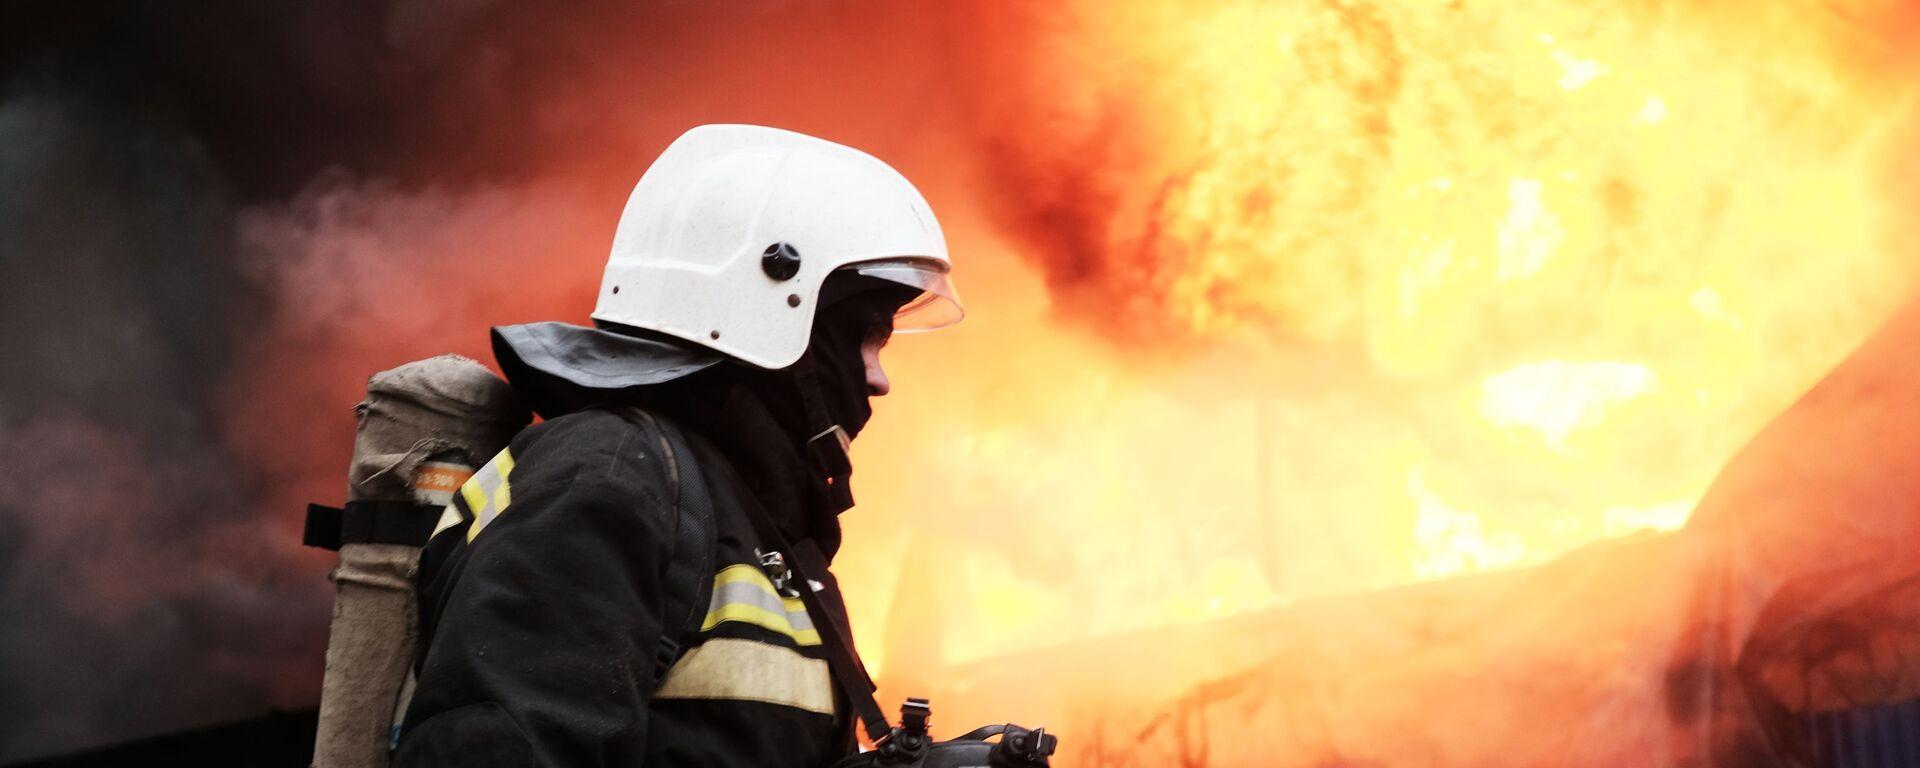 Сотрудник МЧС во время тушения пожара - Sputnik Узбекистан, 1920, 22.06.2021